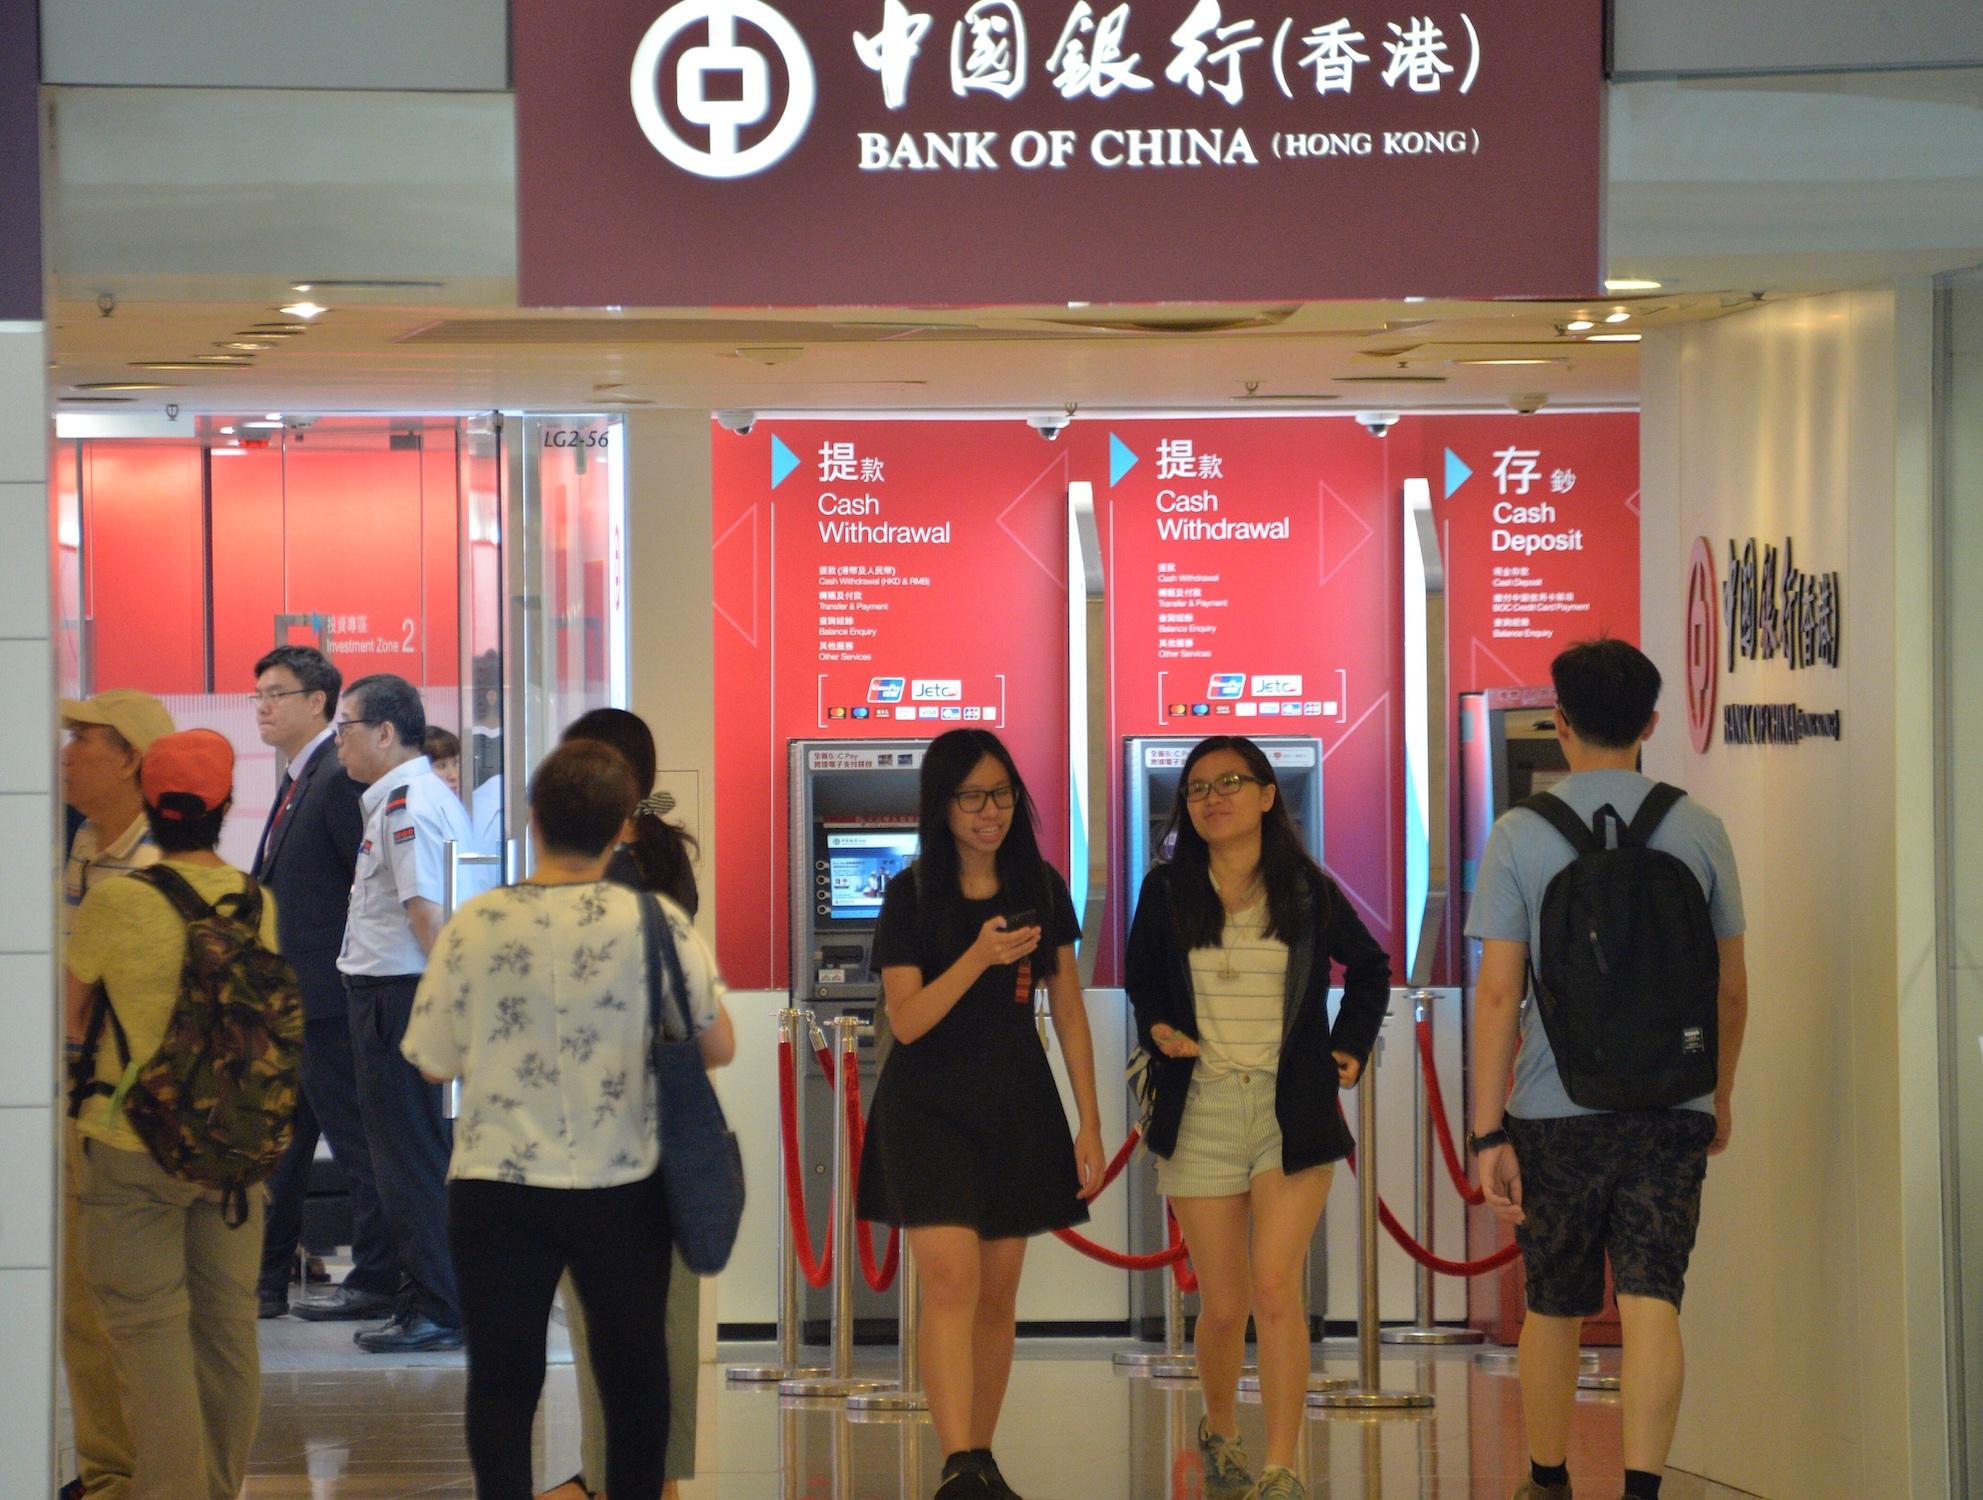 【修例风波】指银行业务运作今大致如常 银行公会:本港银行体系稳健